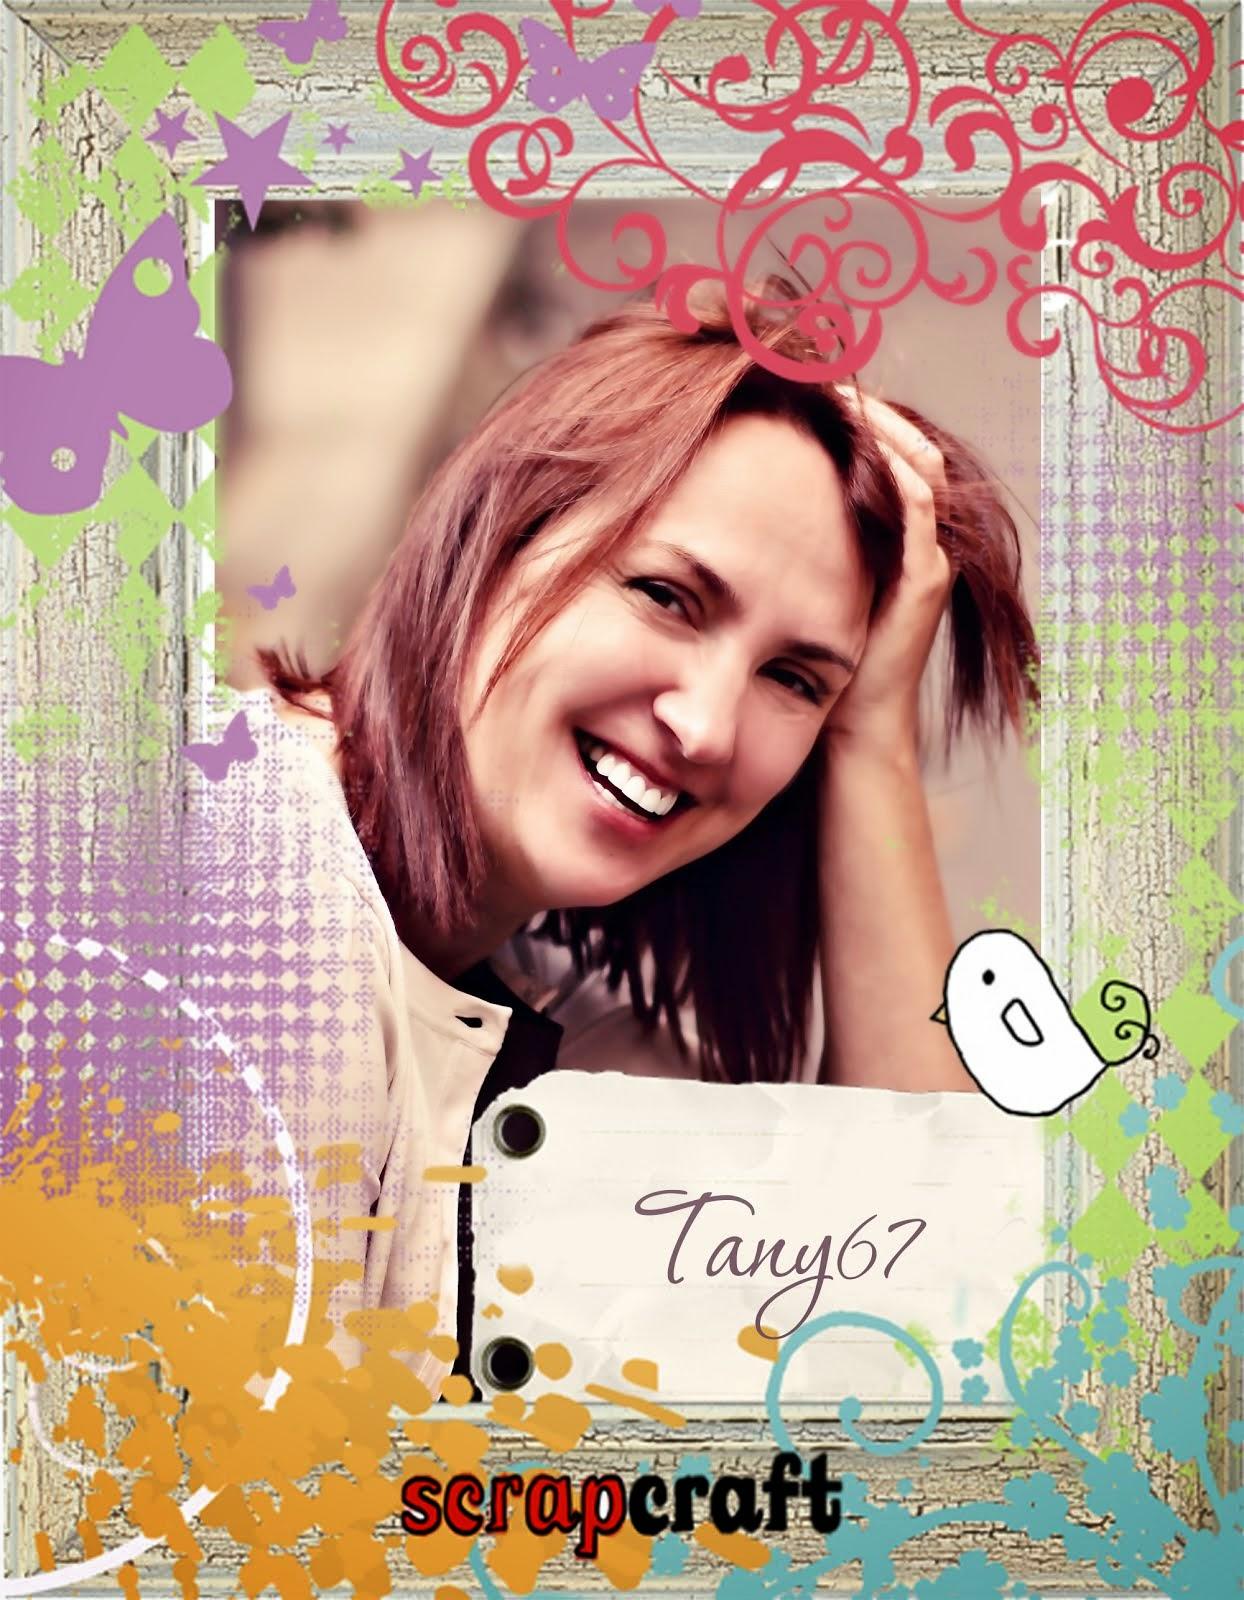 Tany67